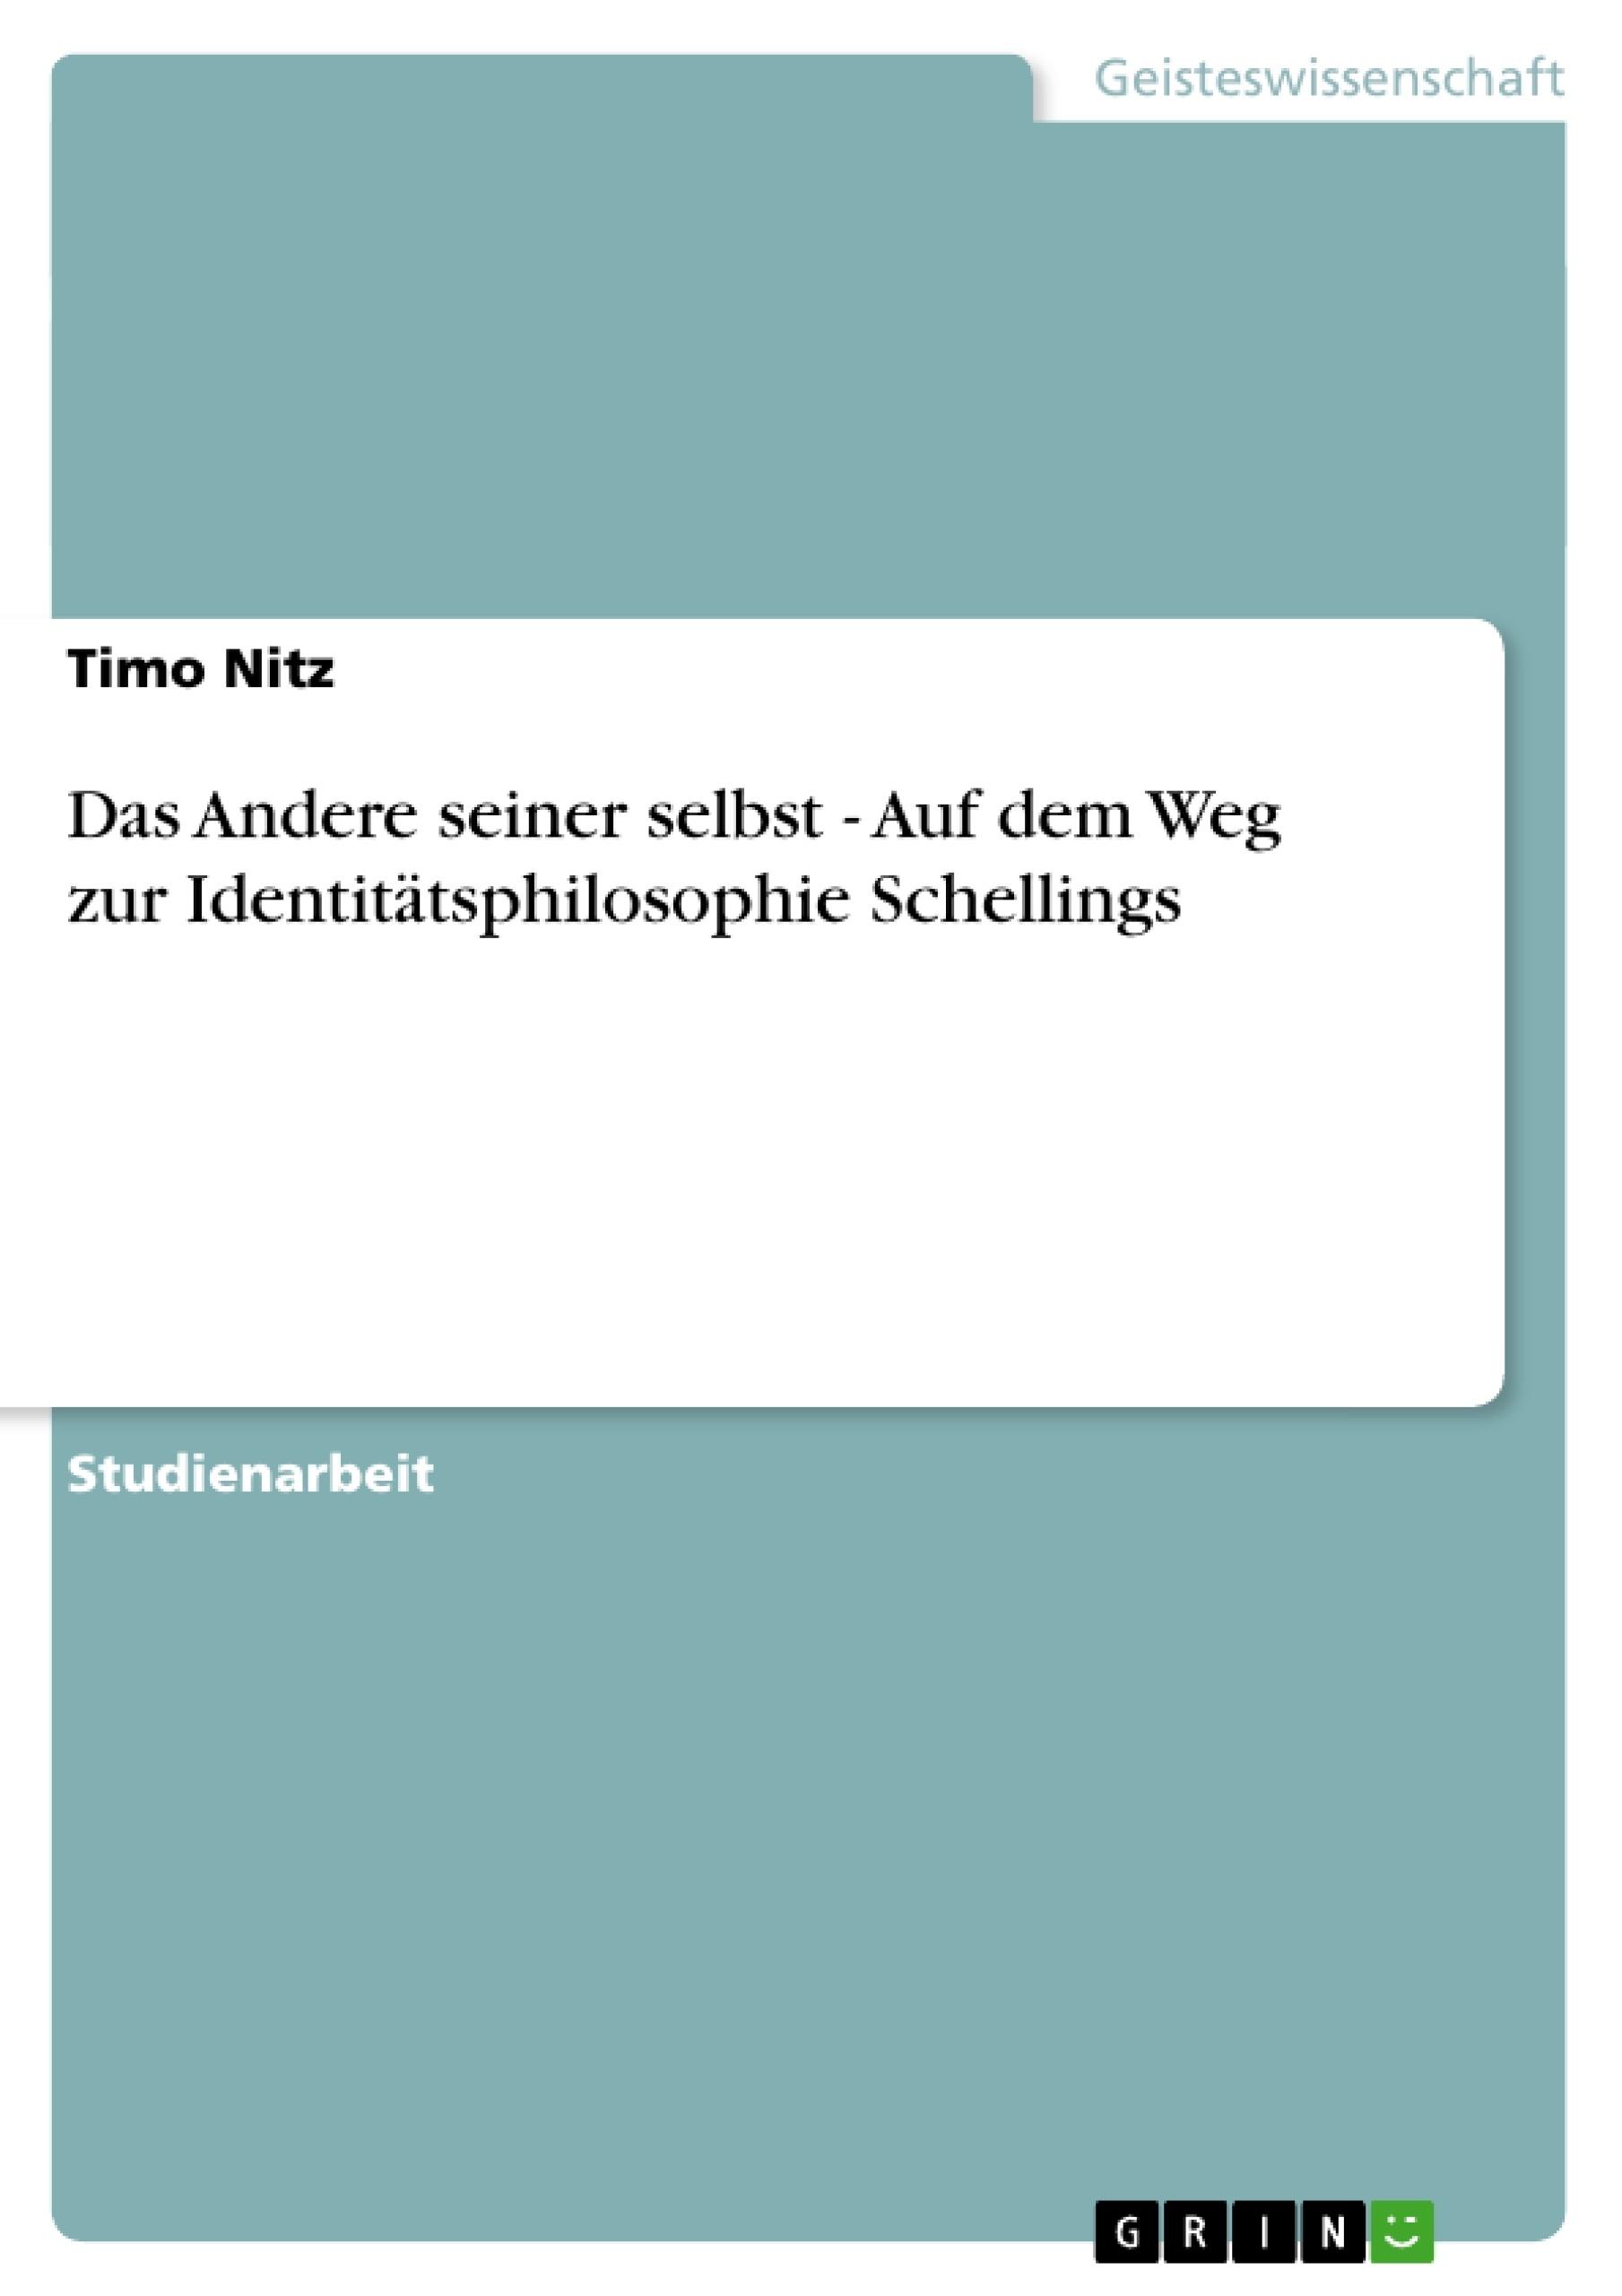 Titel: Das Andere seiner selbst - Auf dem Weg zur Identitätsphilosophie Schellings